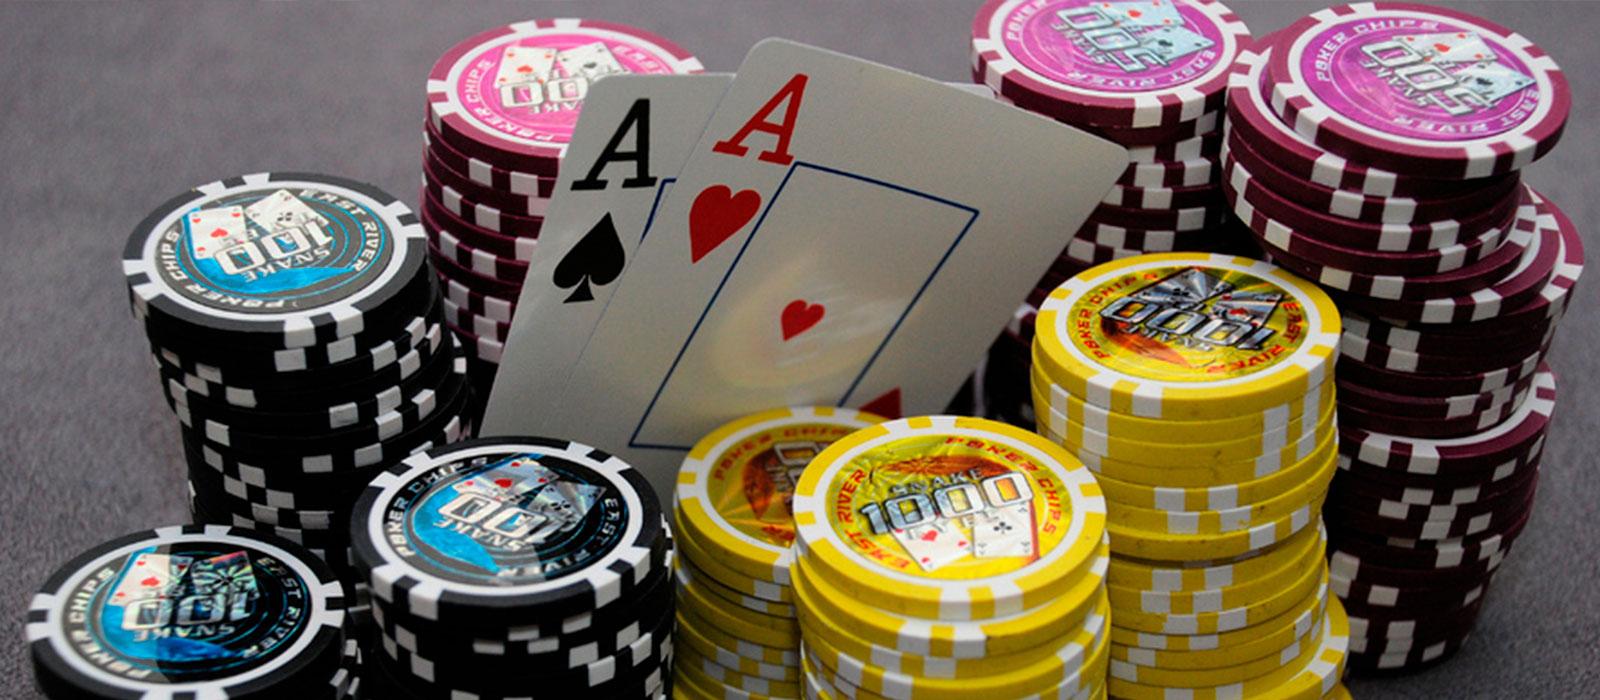 Покер ставки онлайн игра карты пасьянсы играть i